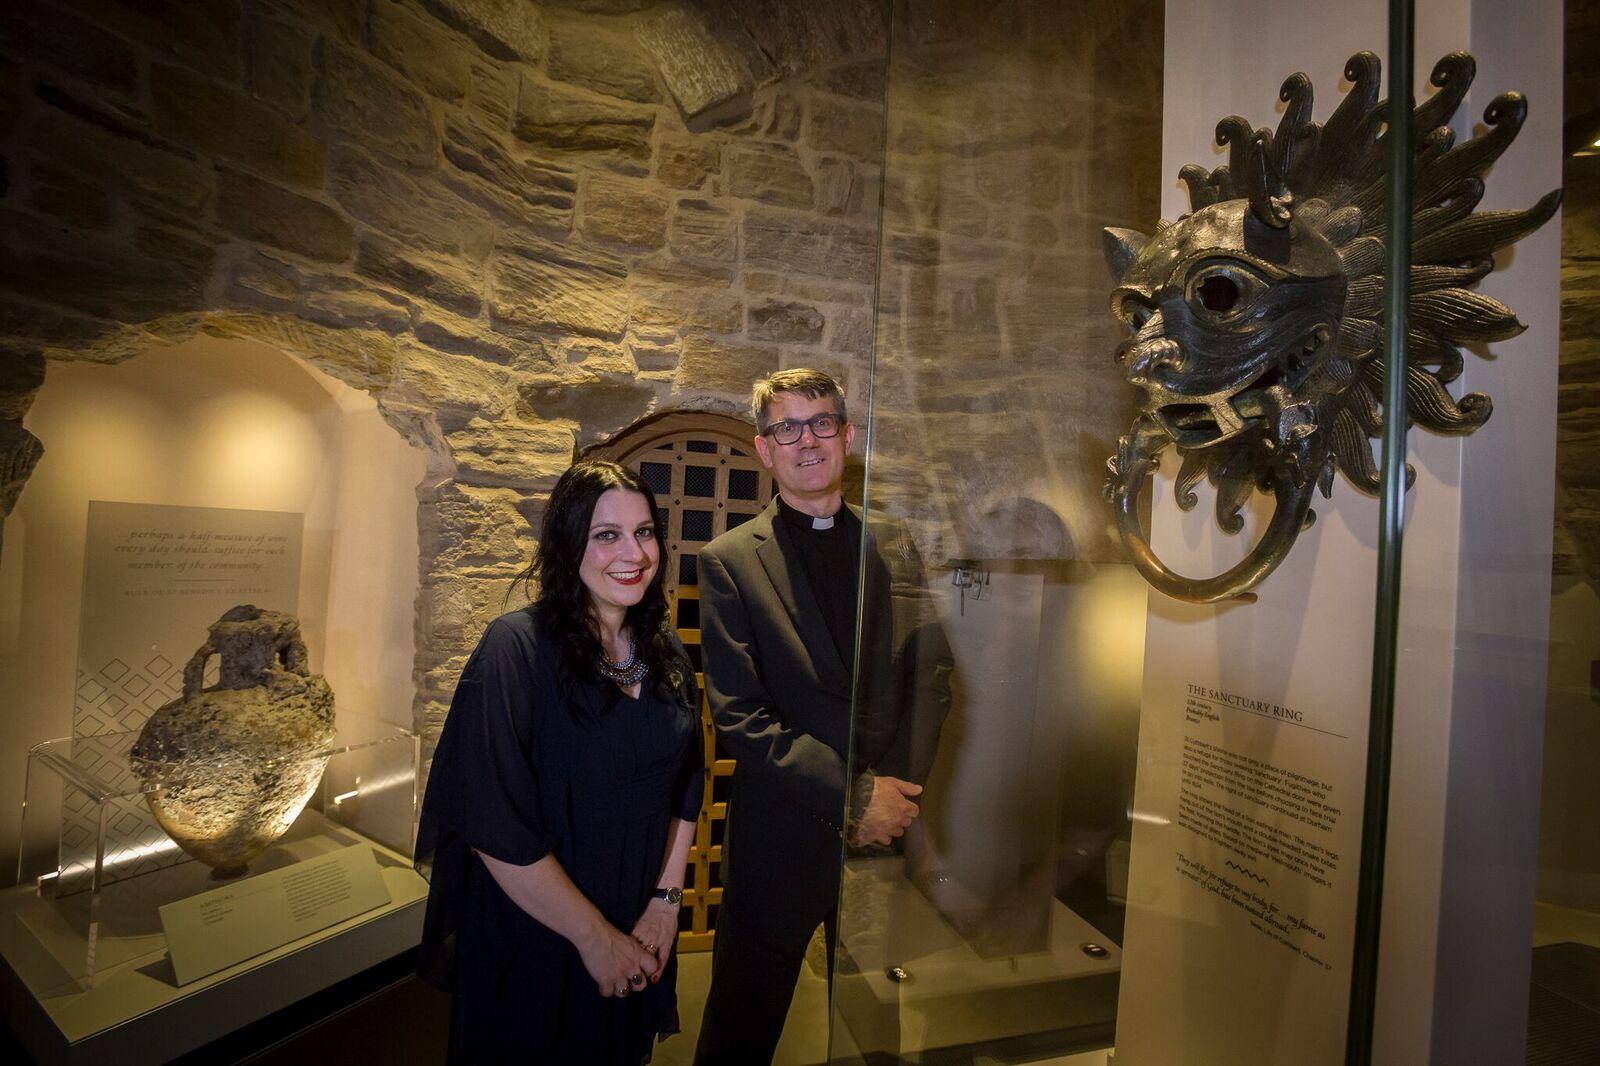 Dr Janina Ramirez andan of Durham, The Very Reverend Andrew Tremlett